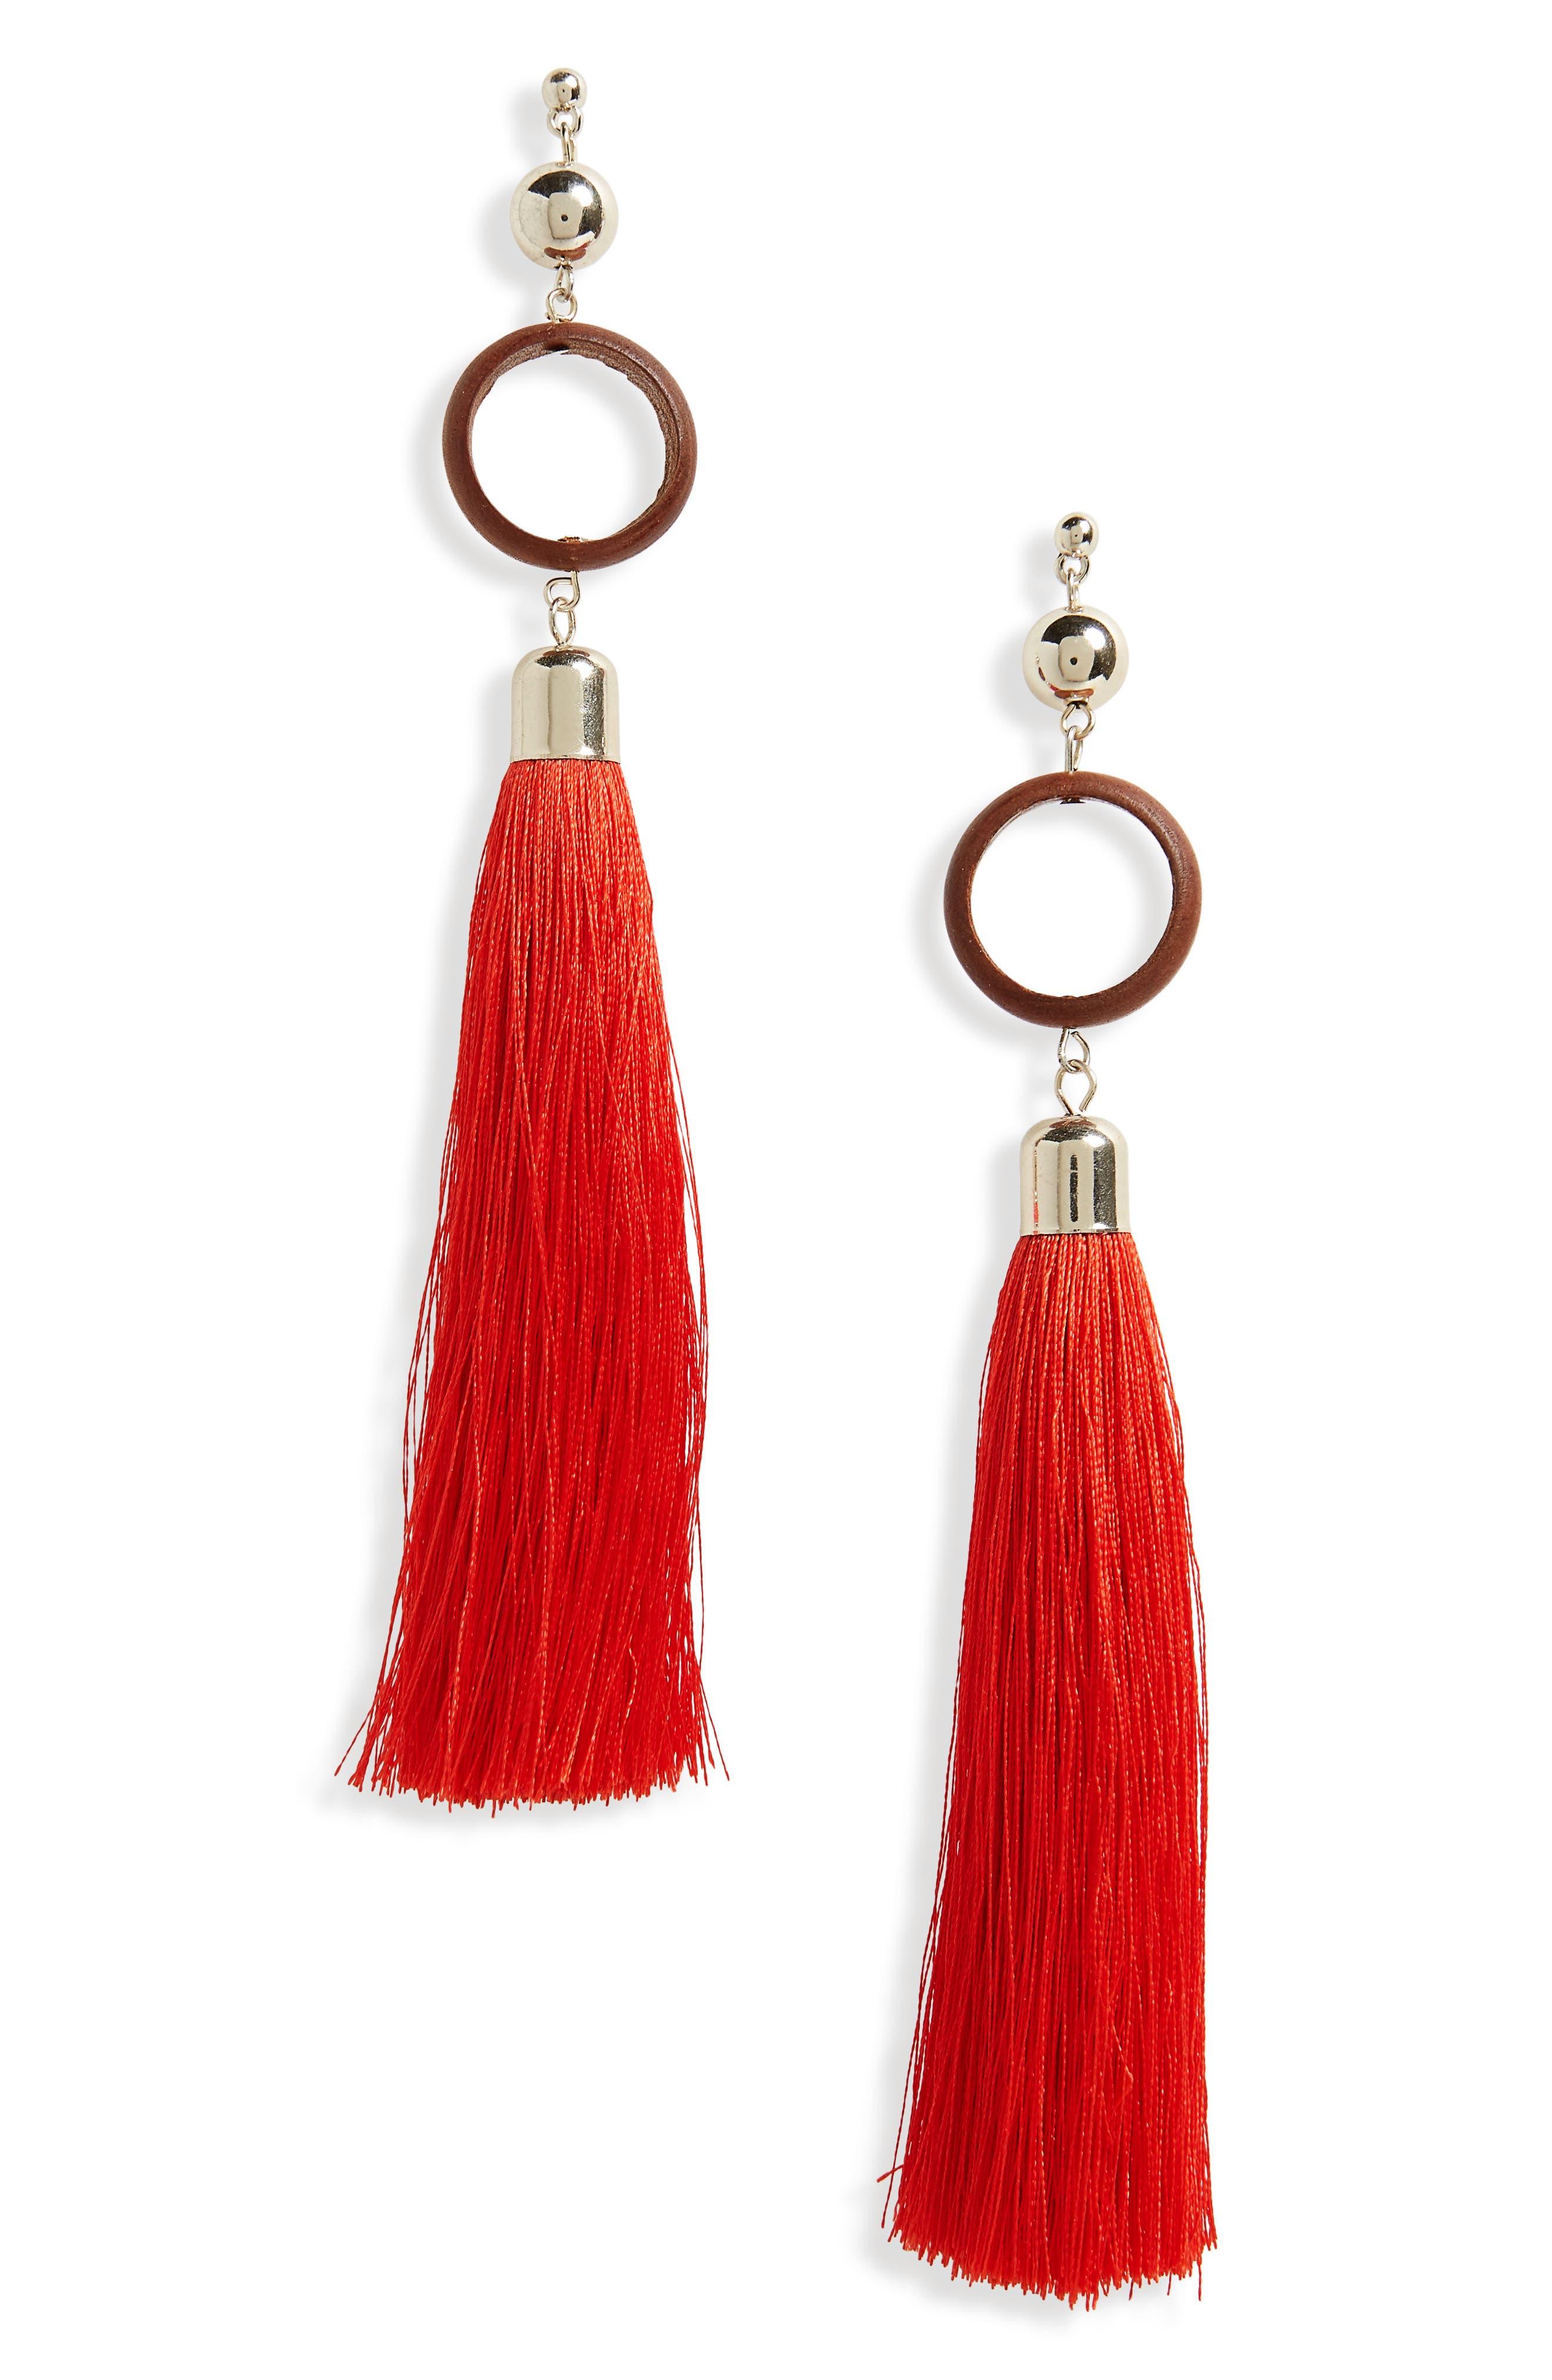 Topshop Wood Circle Tassel Earrings